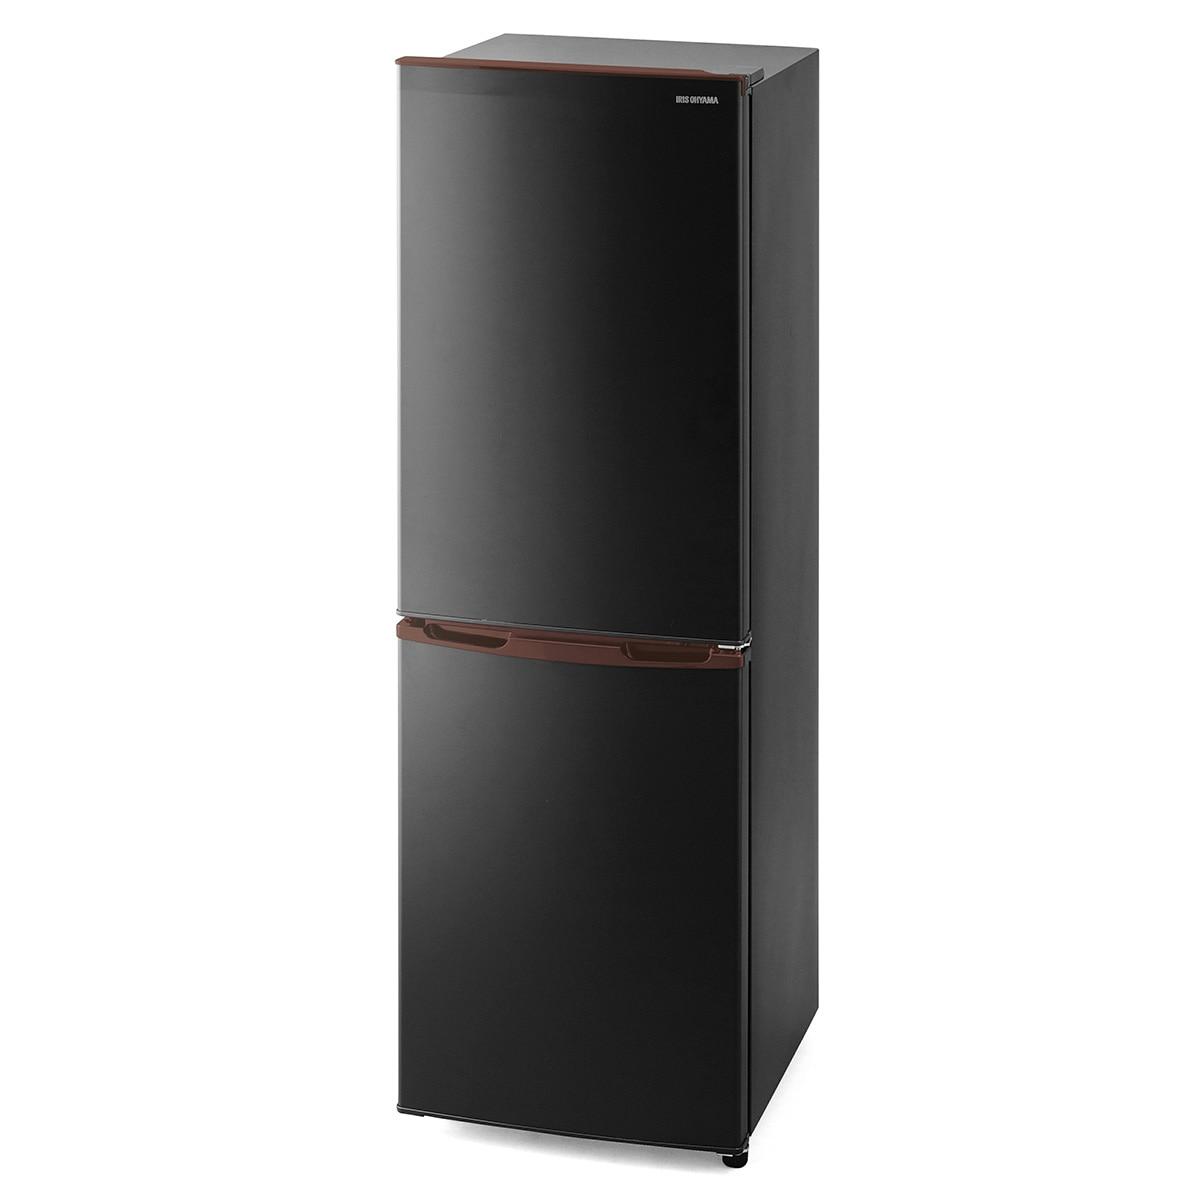 アイリスオーヤマ IRSE-H16A-B 162L 冷蔵庫